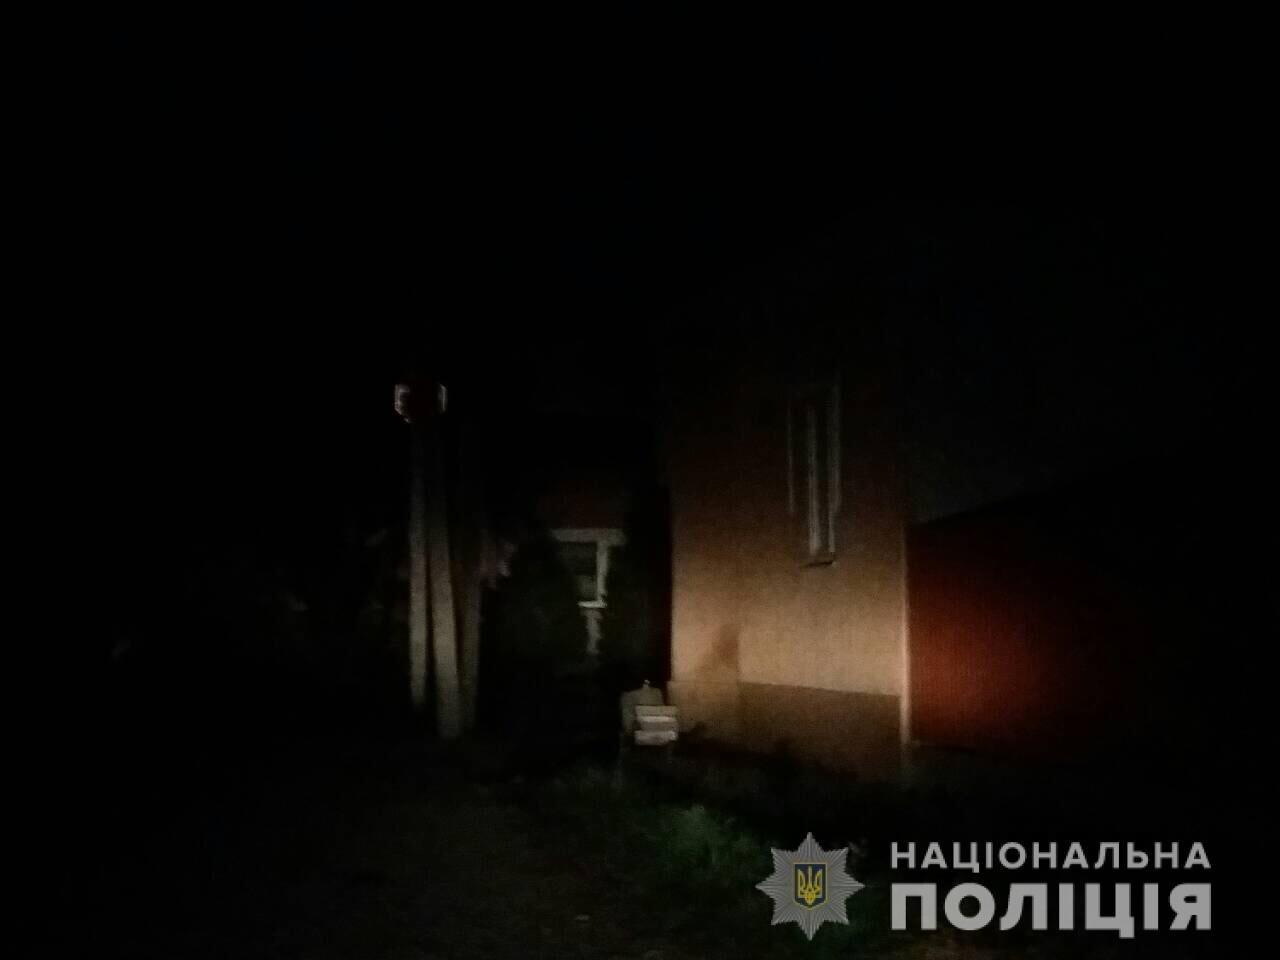 Закарпатець потрапив до лікарні після нападу трьох злочинців, серед яких двоє жінок (ФОТО), фото-1